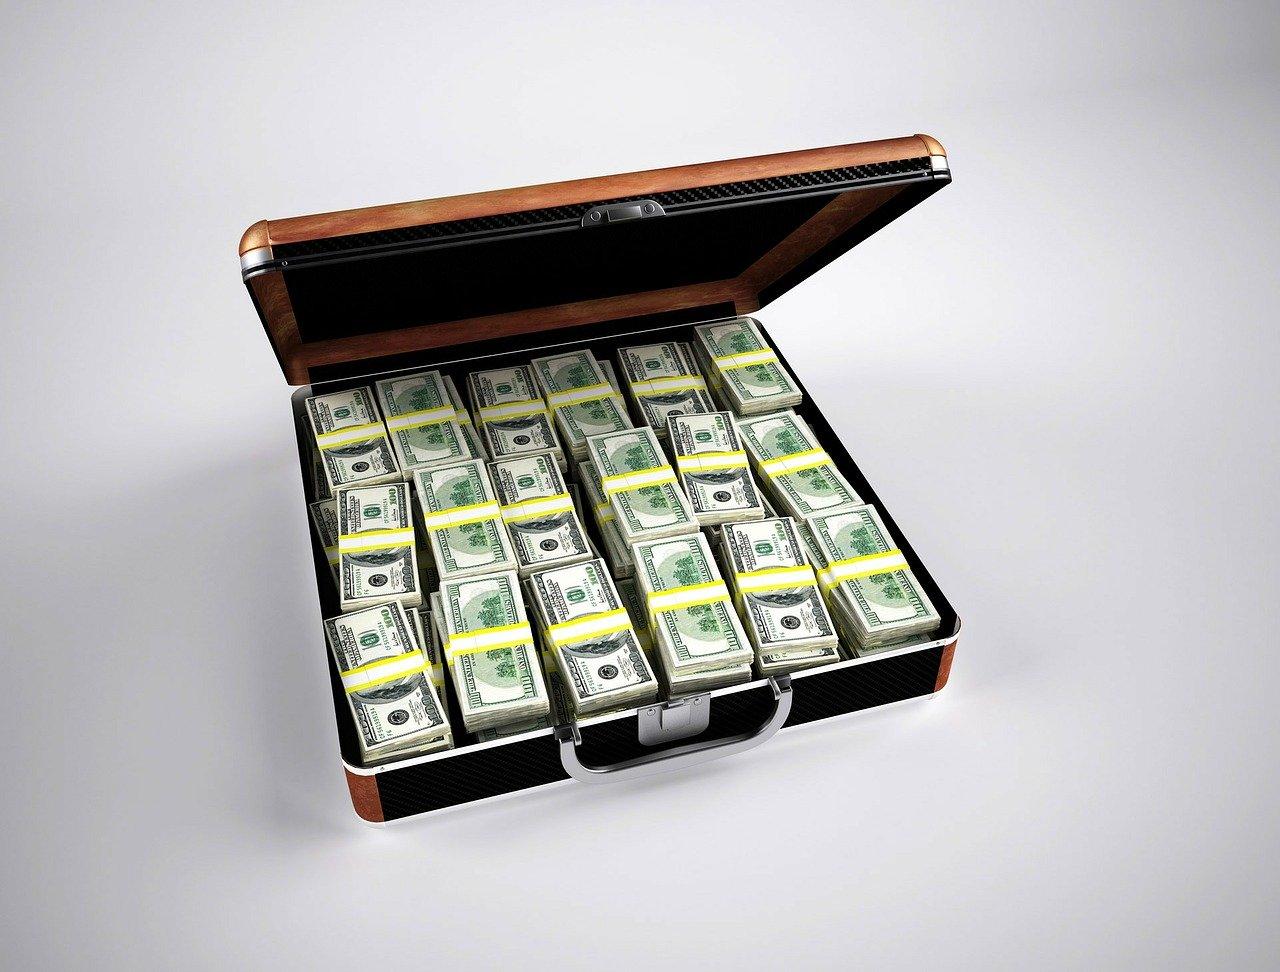 【即現金】今すぐにお金を借りる32の方法!!キャッシング・借金・審査無しでお金を最短5分で最低1,000円を手に入れる方法を紹介します